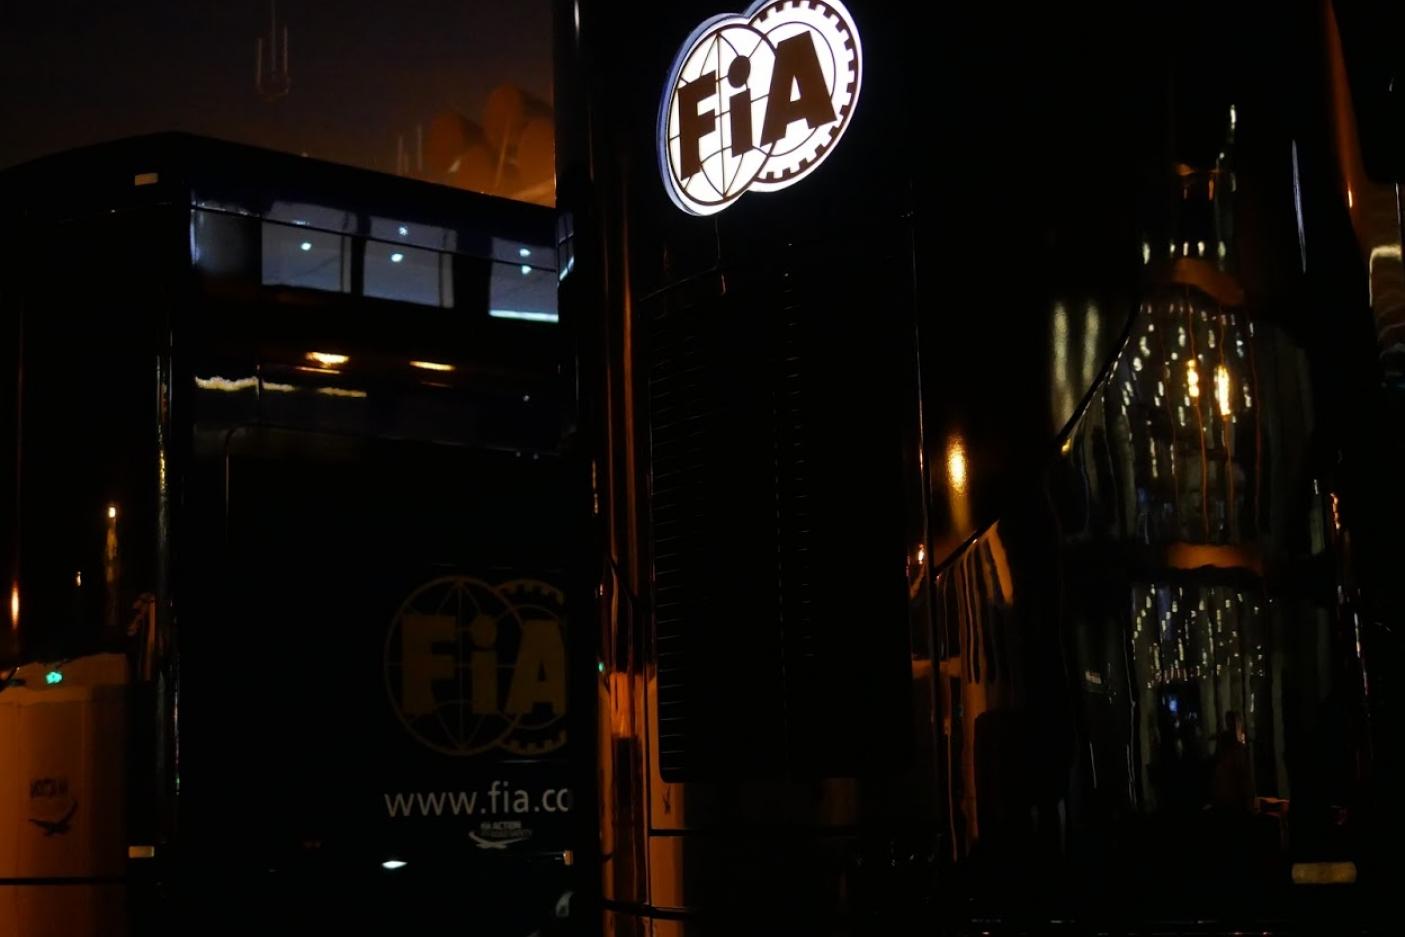 © Motorsinside - La FIA prévient les pilotes avant le GP de Russie